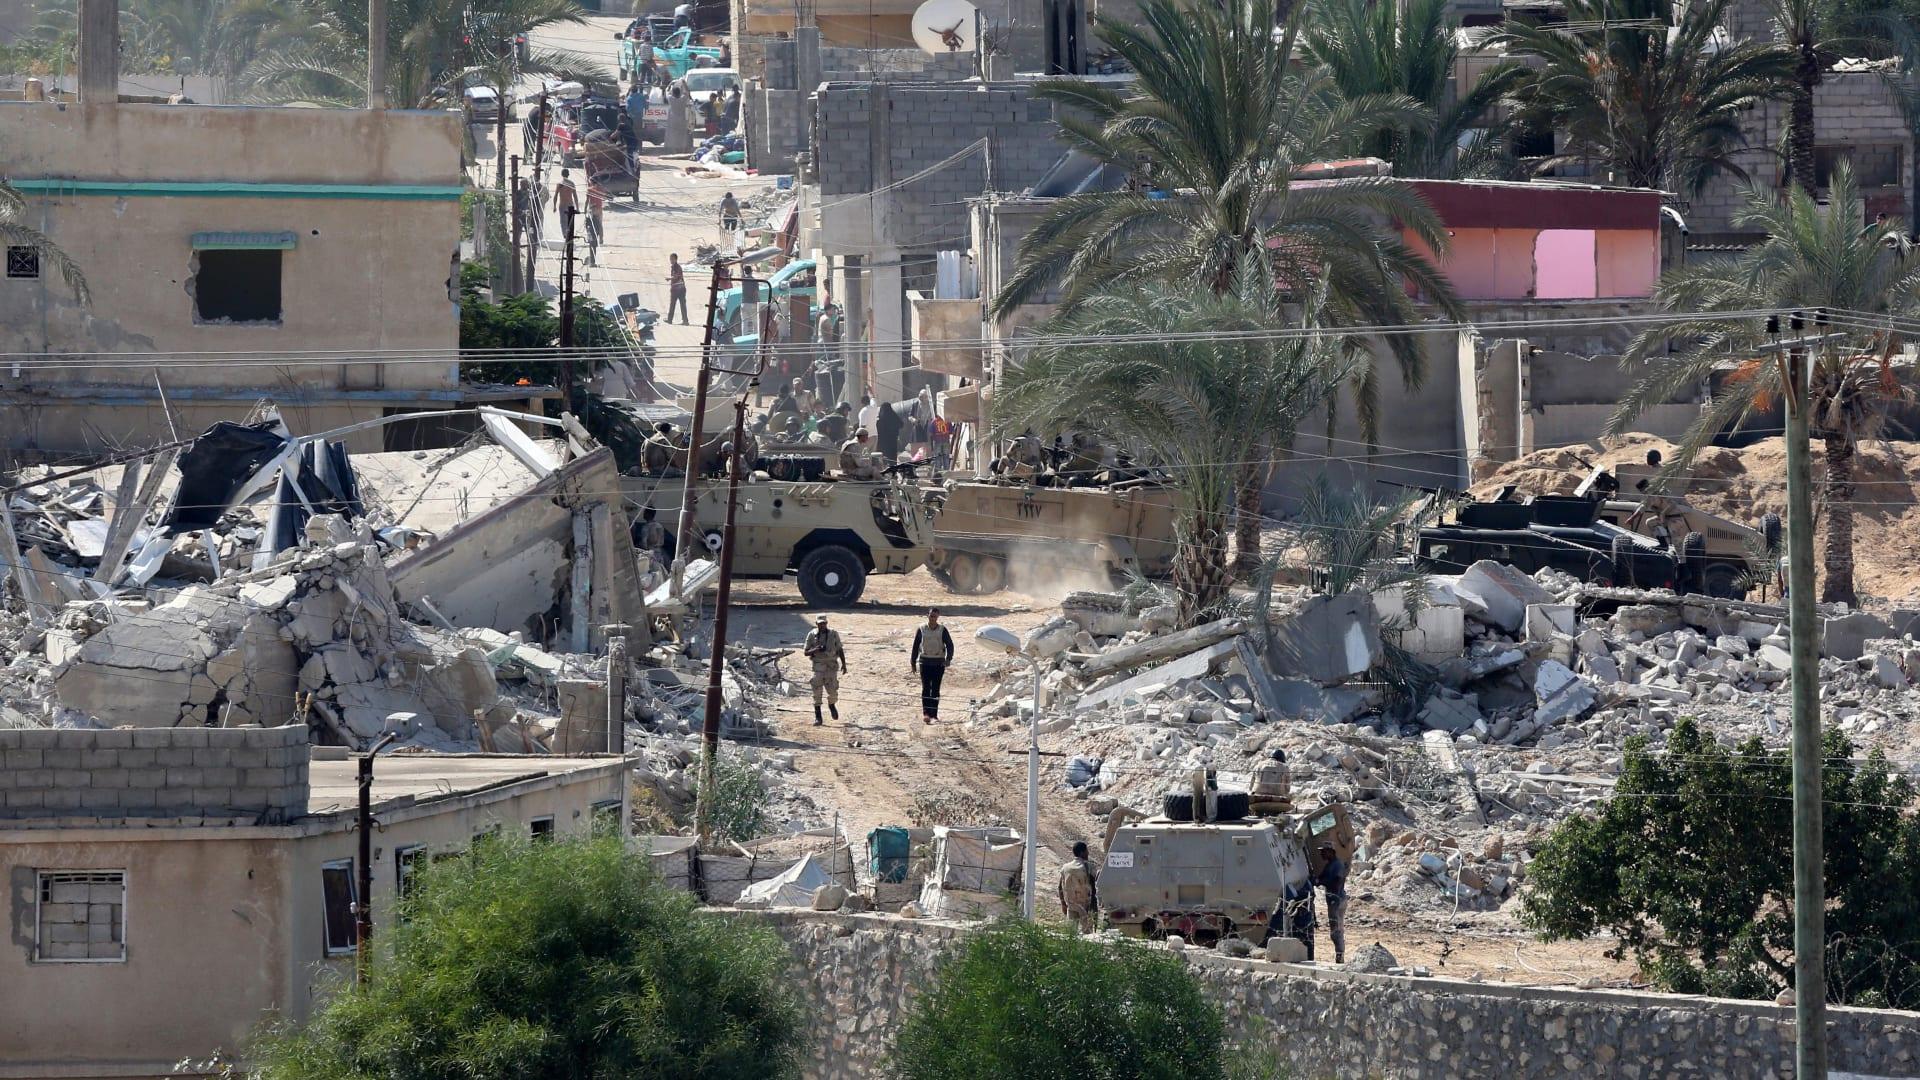 هيومن رايتس ووتش: عمليات الجيش المصري في سيناء لهدم المنازل والإخلاء القسري قد تشكل جرائم حرب